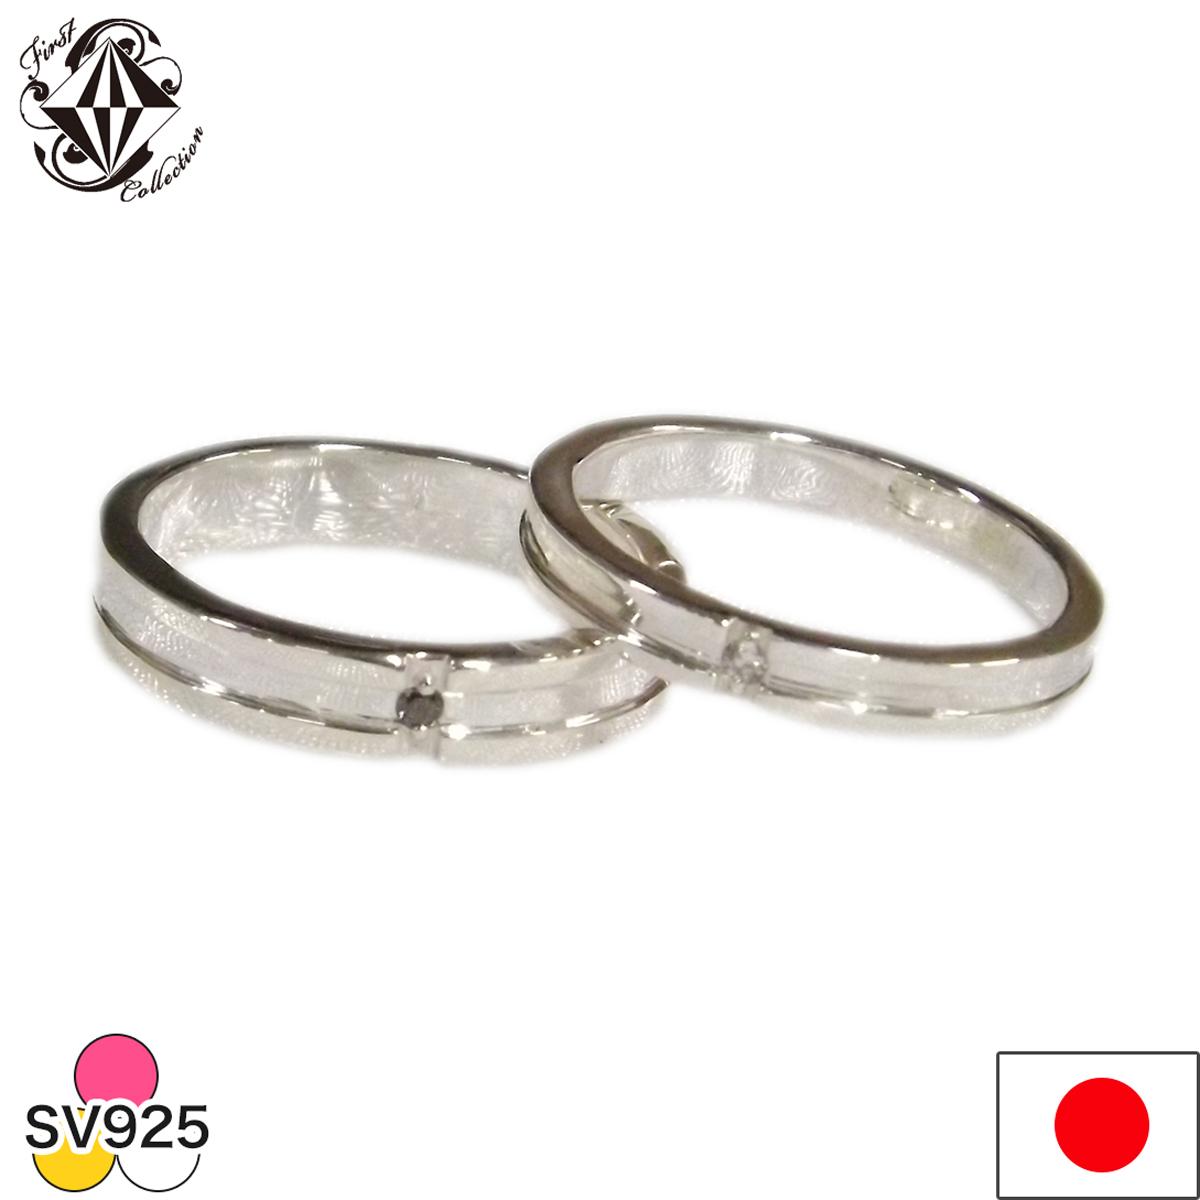 シルバーダイヤモンドペアリング SV925 マリッジリング